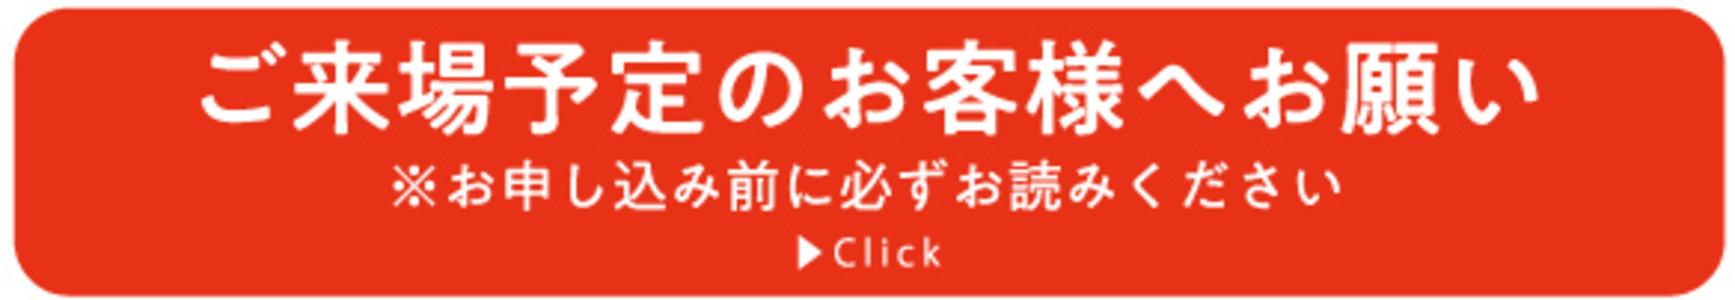 【再振替】「LAWSON presents 夏川椎菜 Zepp Live Tour 2020-2021 Pre-2nd」東京公演 1/24 2回目